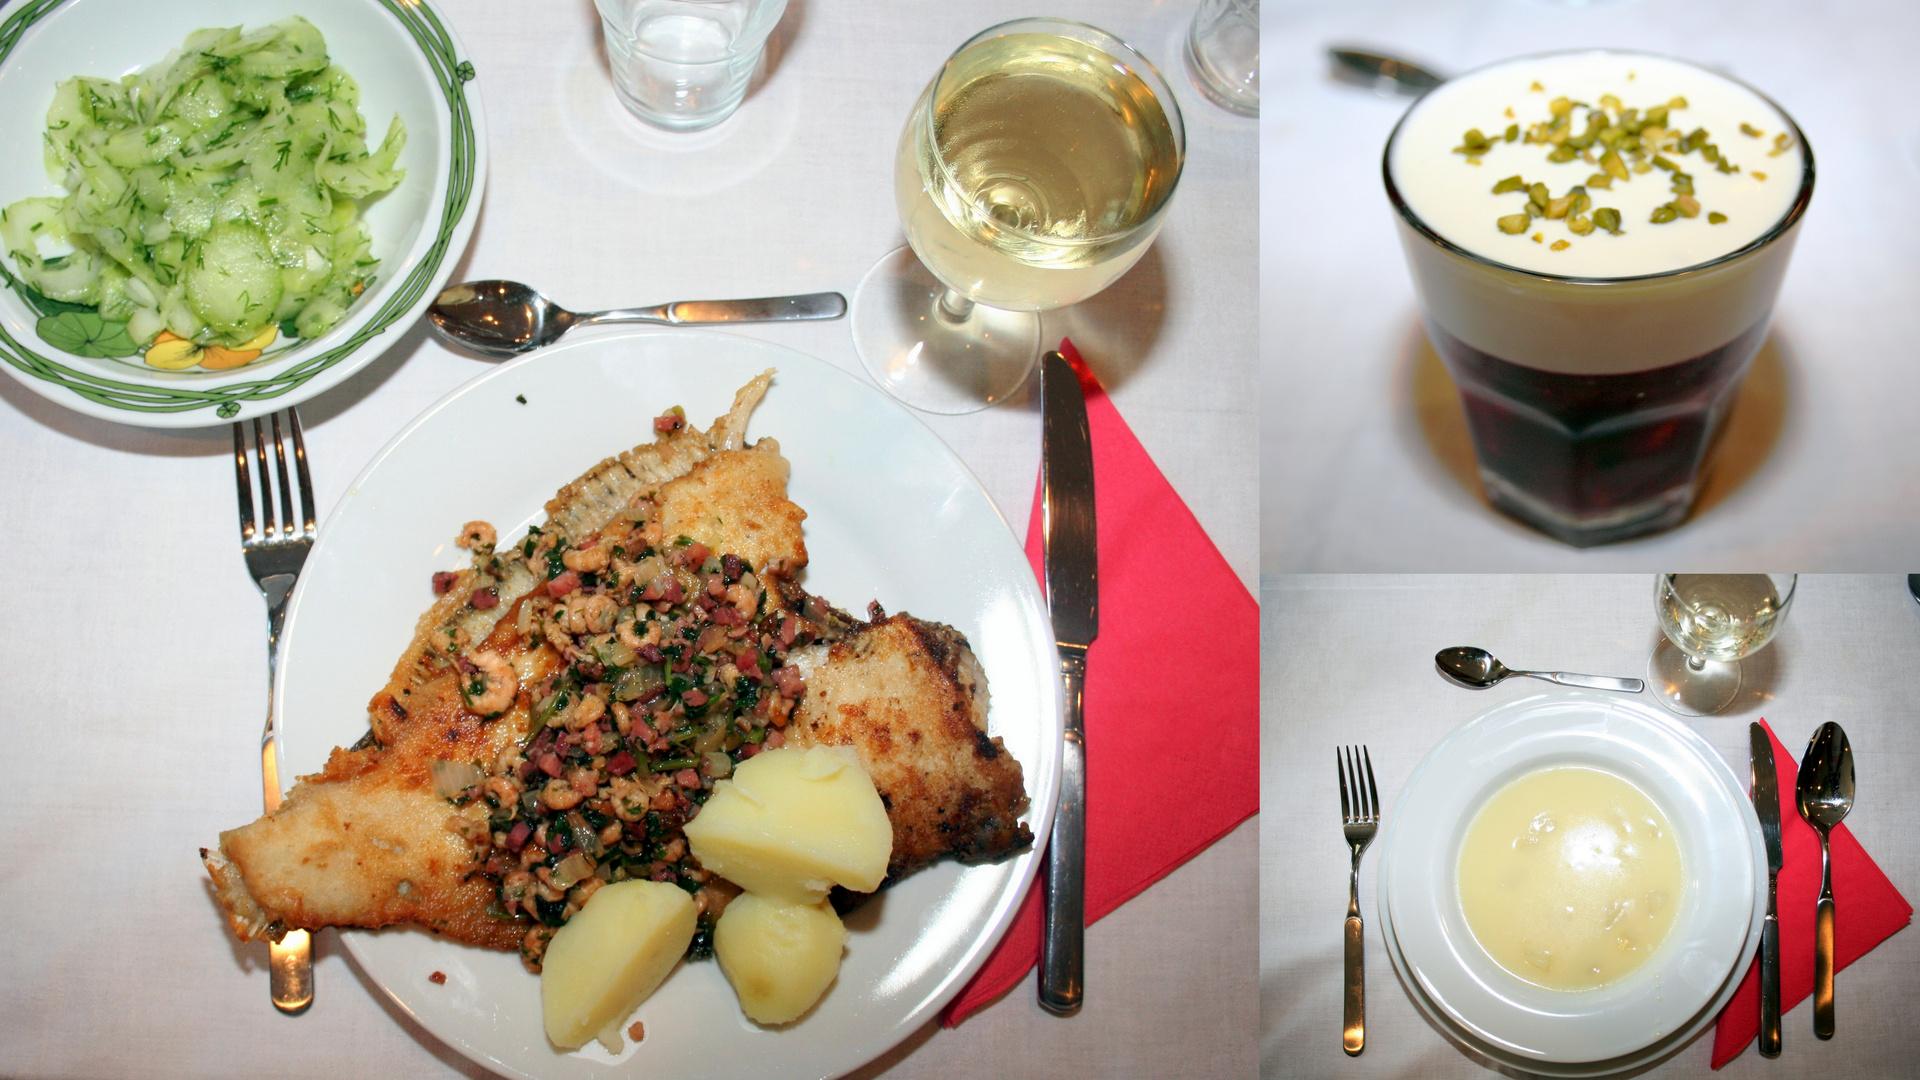 Spargelcremesuppe, Maischolle mit Salzkartoffel, Beerenragout (2)